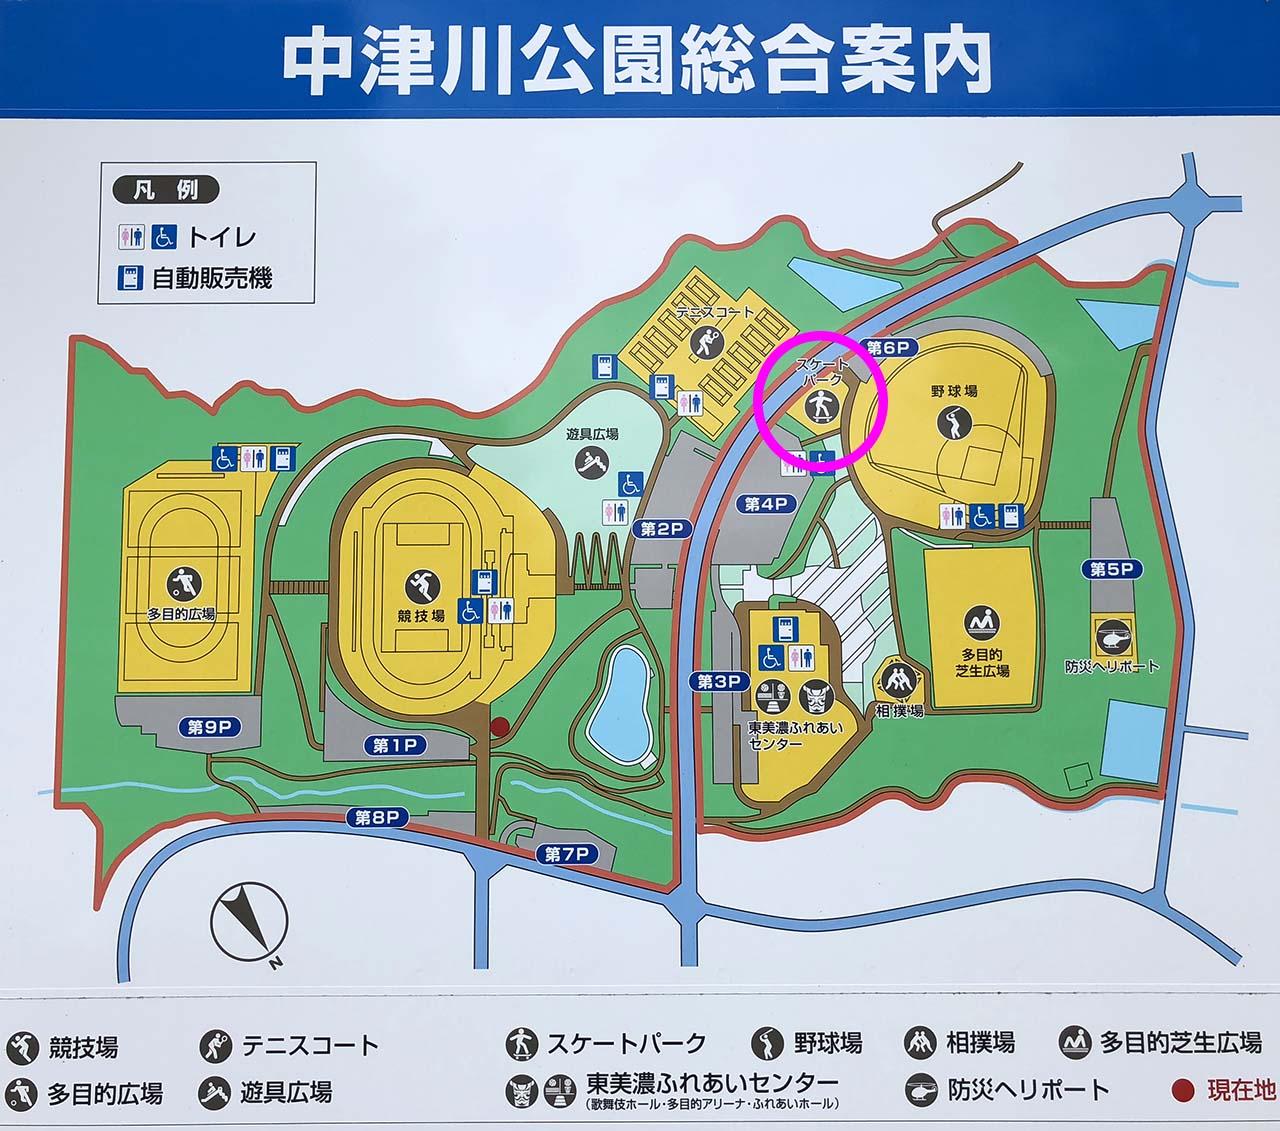 中津川公園の総合案内スケートパーク